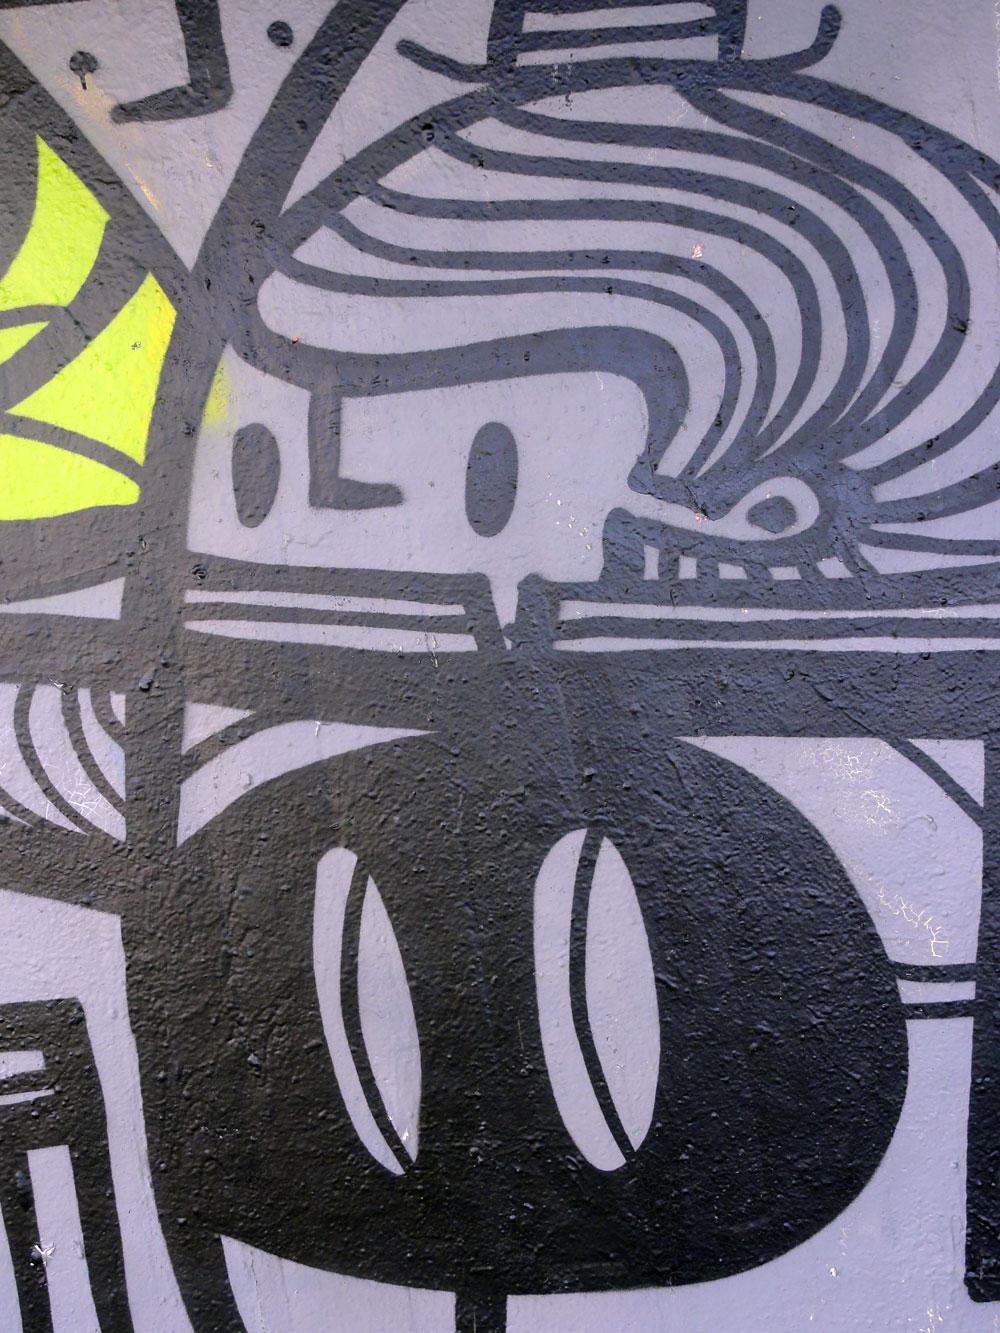 pyc-detail-graffiti-bei-der-hall-of-fame-an-der-hanauer-landstrasse-in-frankfurt